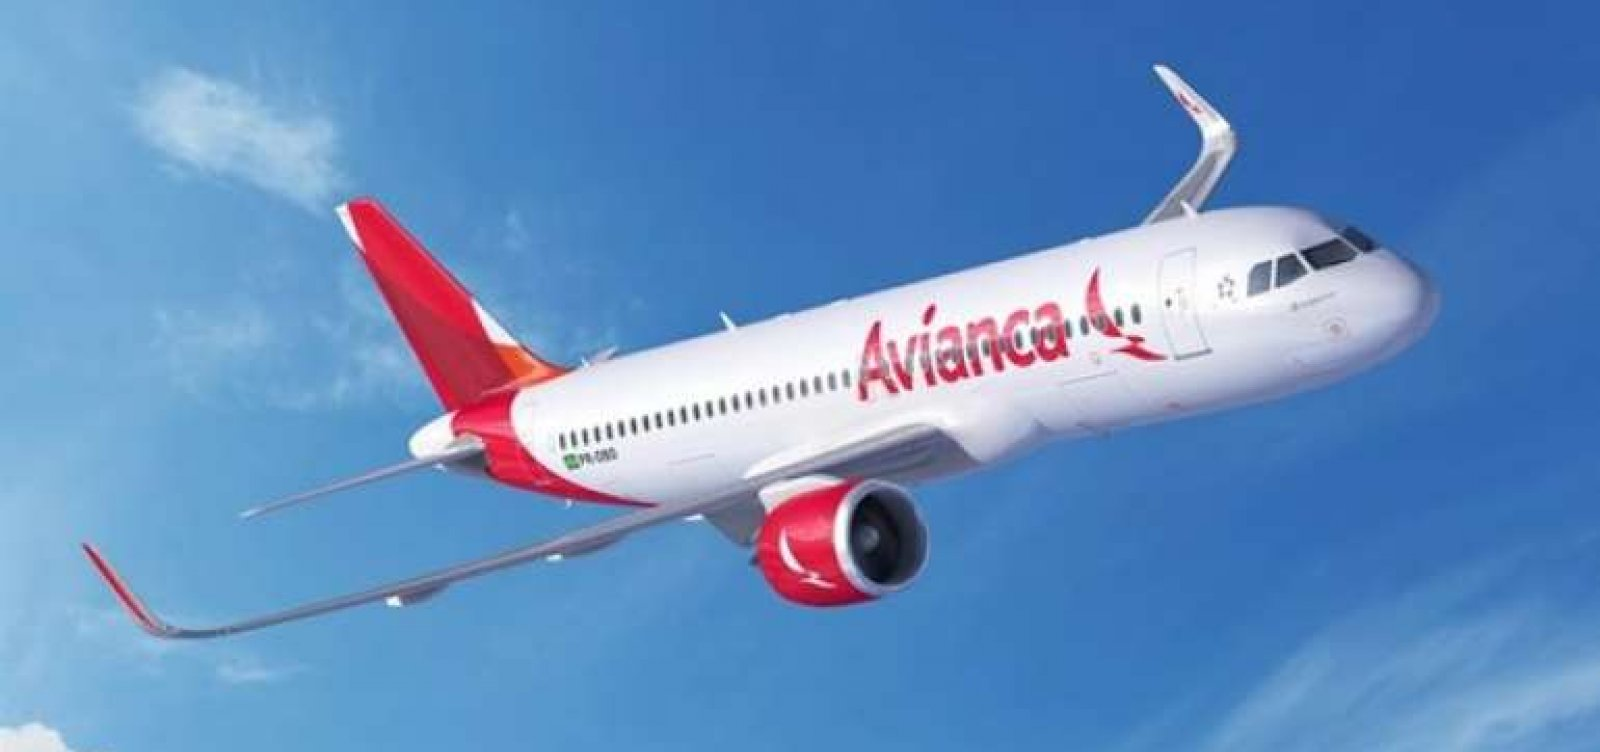 Avianca cancela mais de 170 voos emSalvador até o próximo domingo